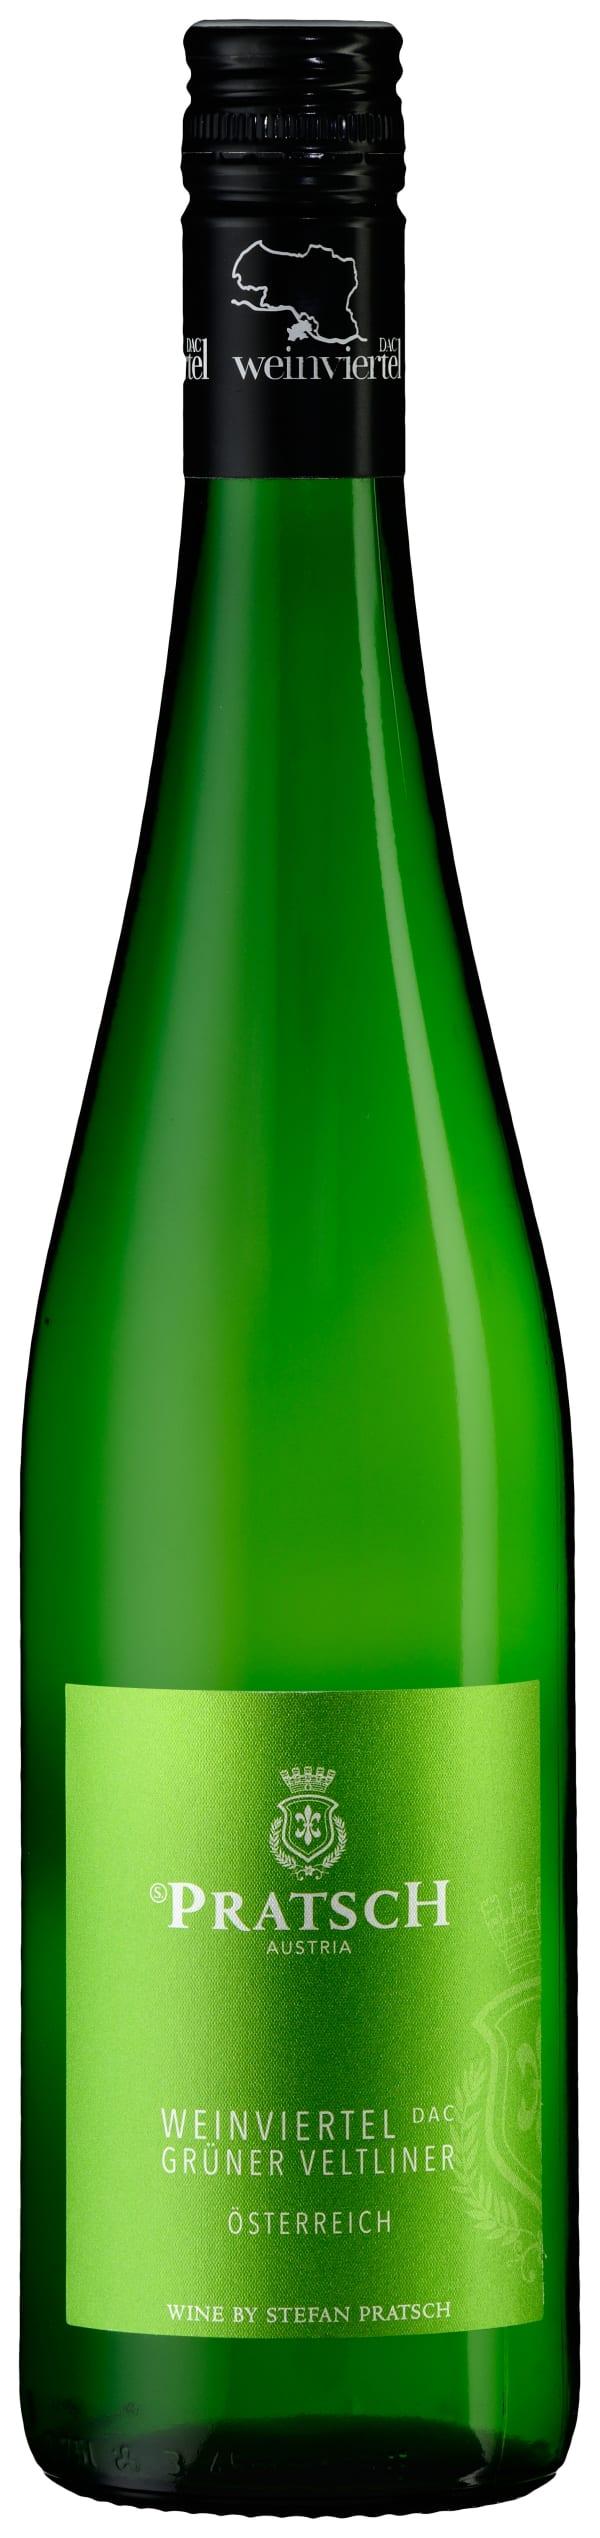 Pratsch Grüner Veltliner 2020